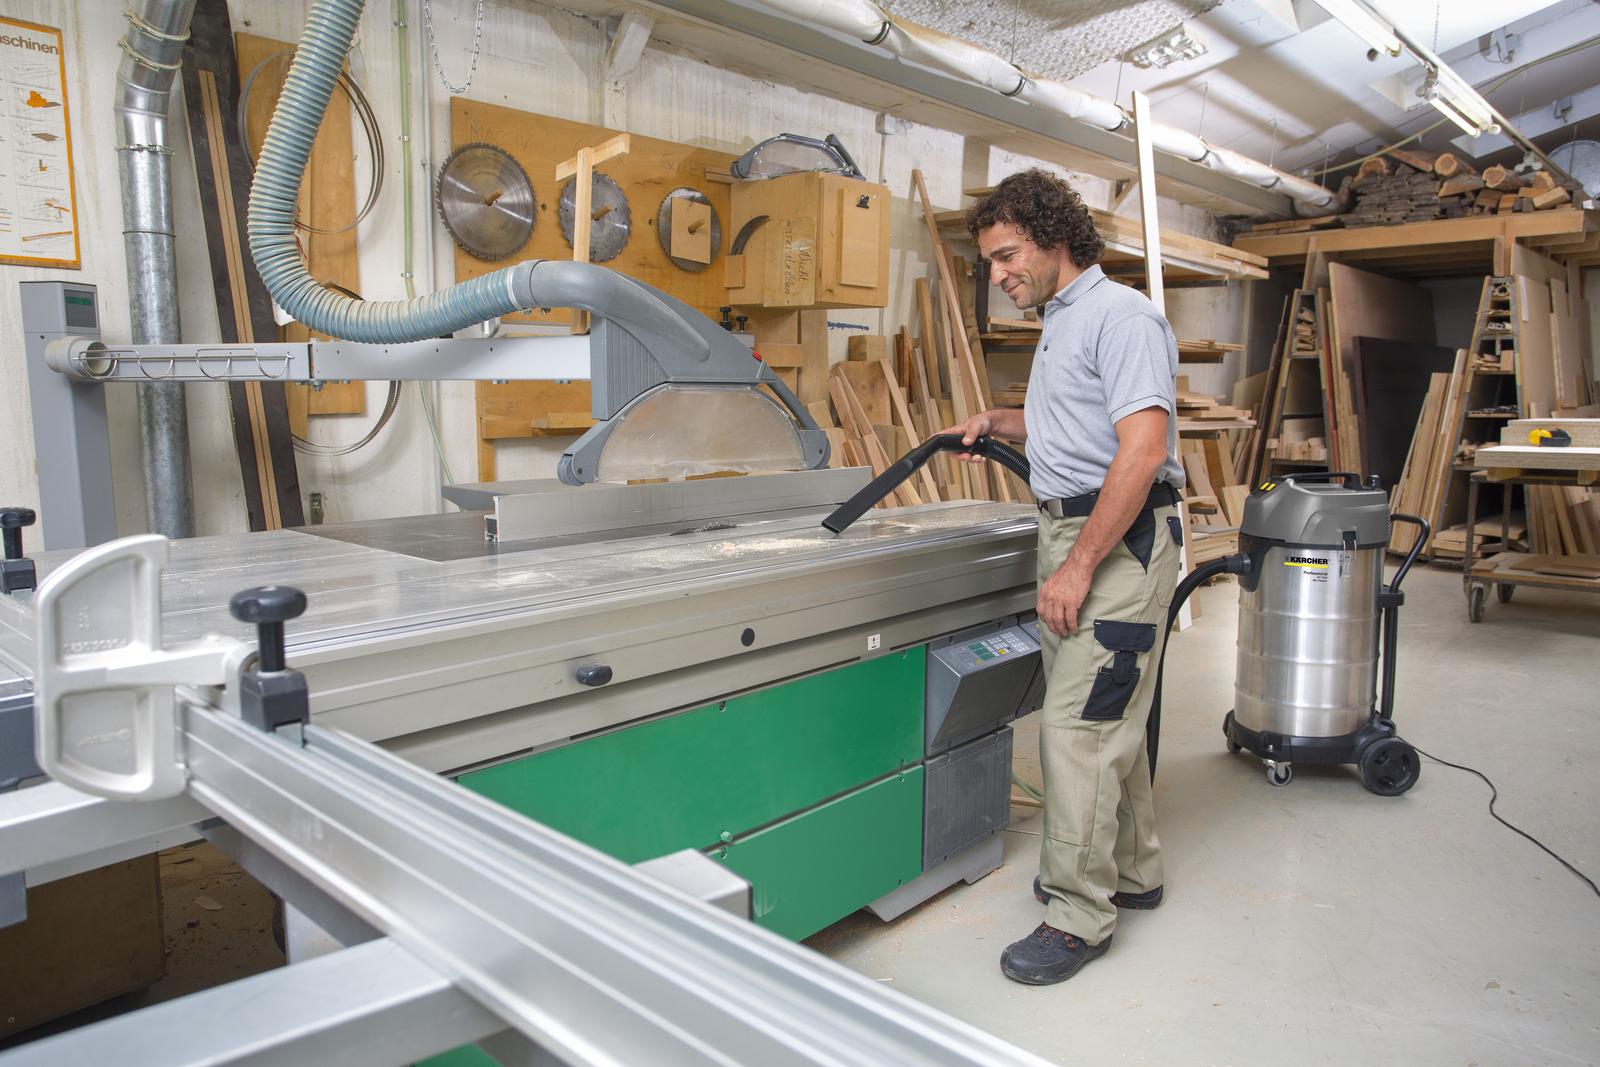 جاروبرقی سطلی صنعتی آب و خاک مدل NT 90/2 کارچر جاروبرقی اداری, دستگاه جاروبرقی صنعتی